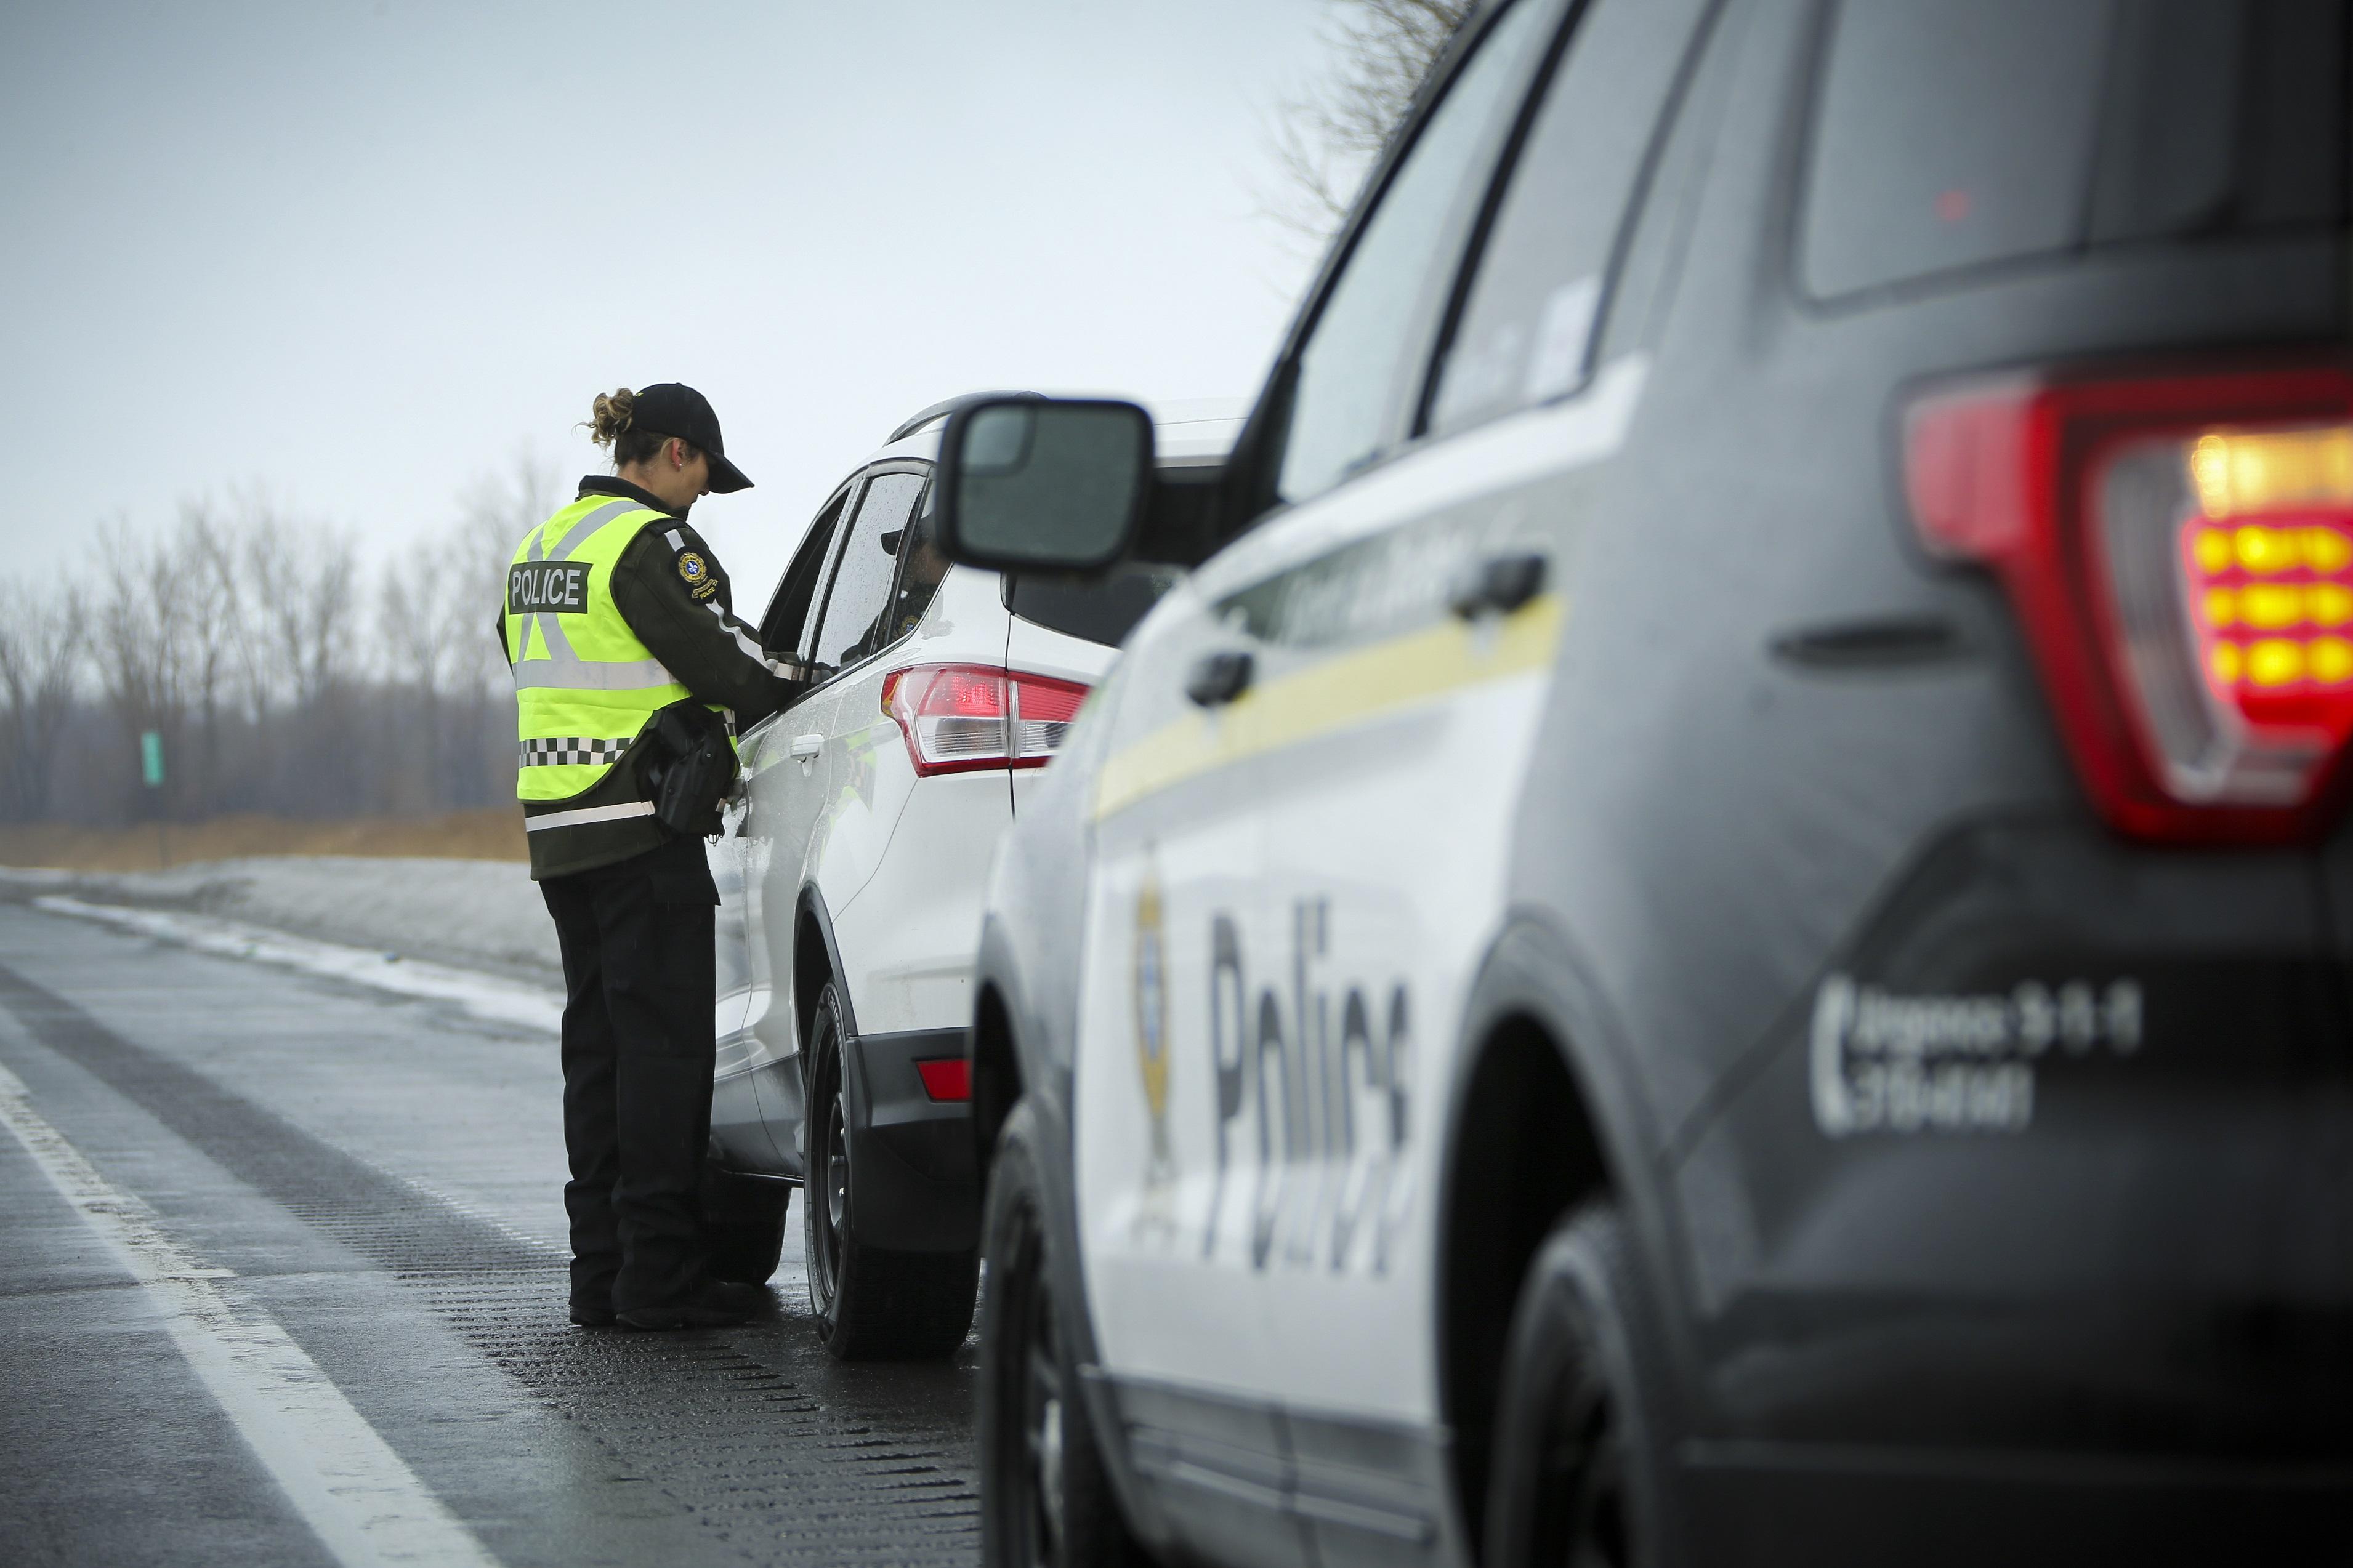 Arrestation pour très grande vitesse, Sûreté du Québec.